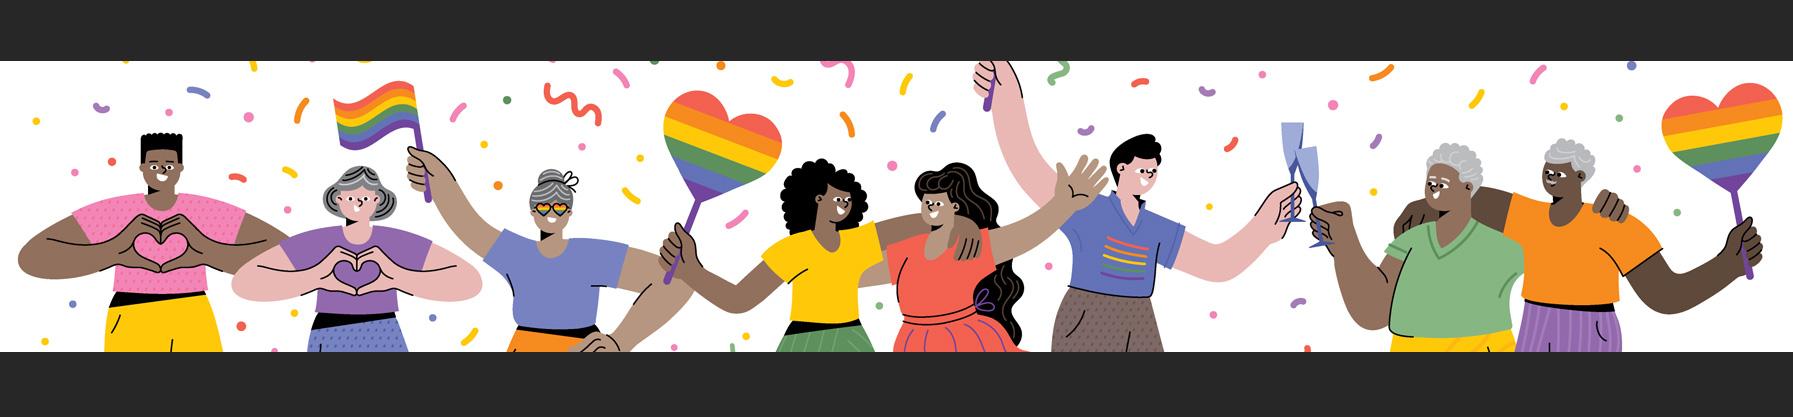 Un grupo de personas de la comunidad LGTBQ+ celebran el Día del Orgullo Gay